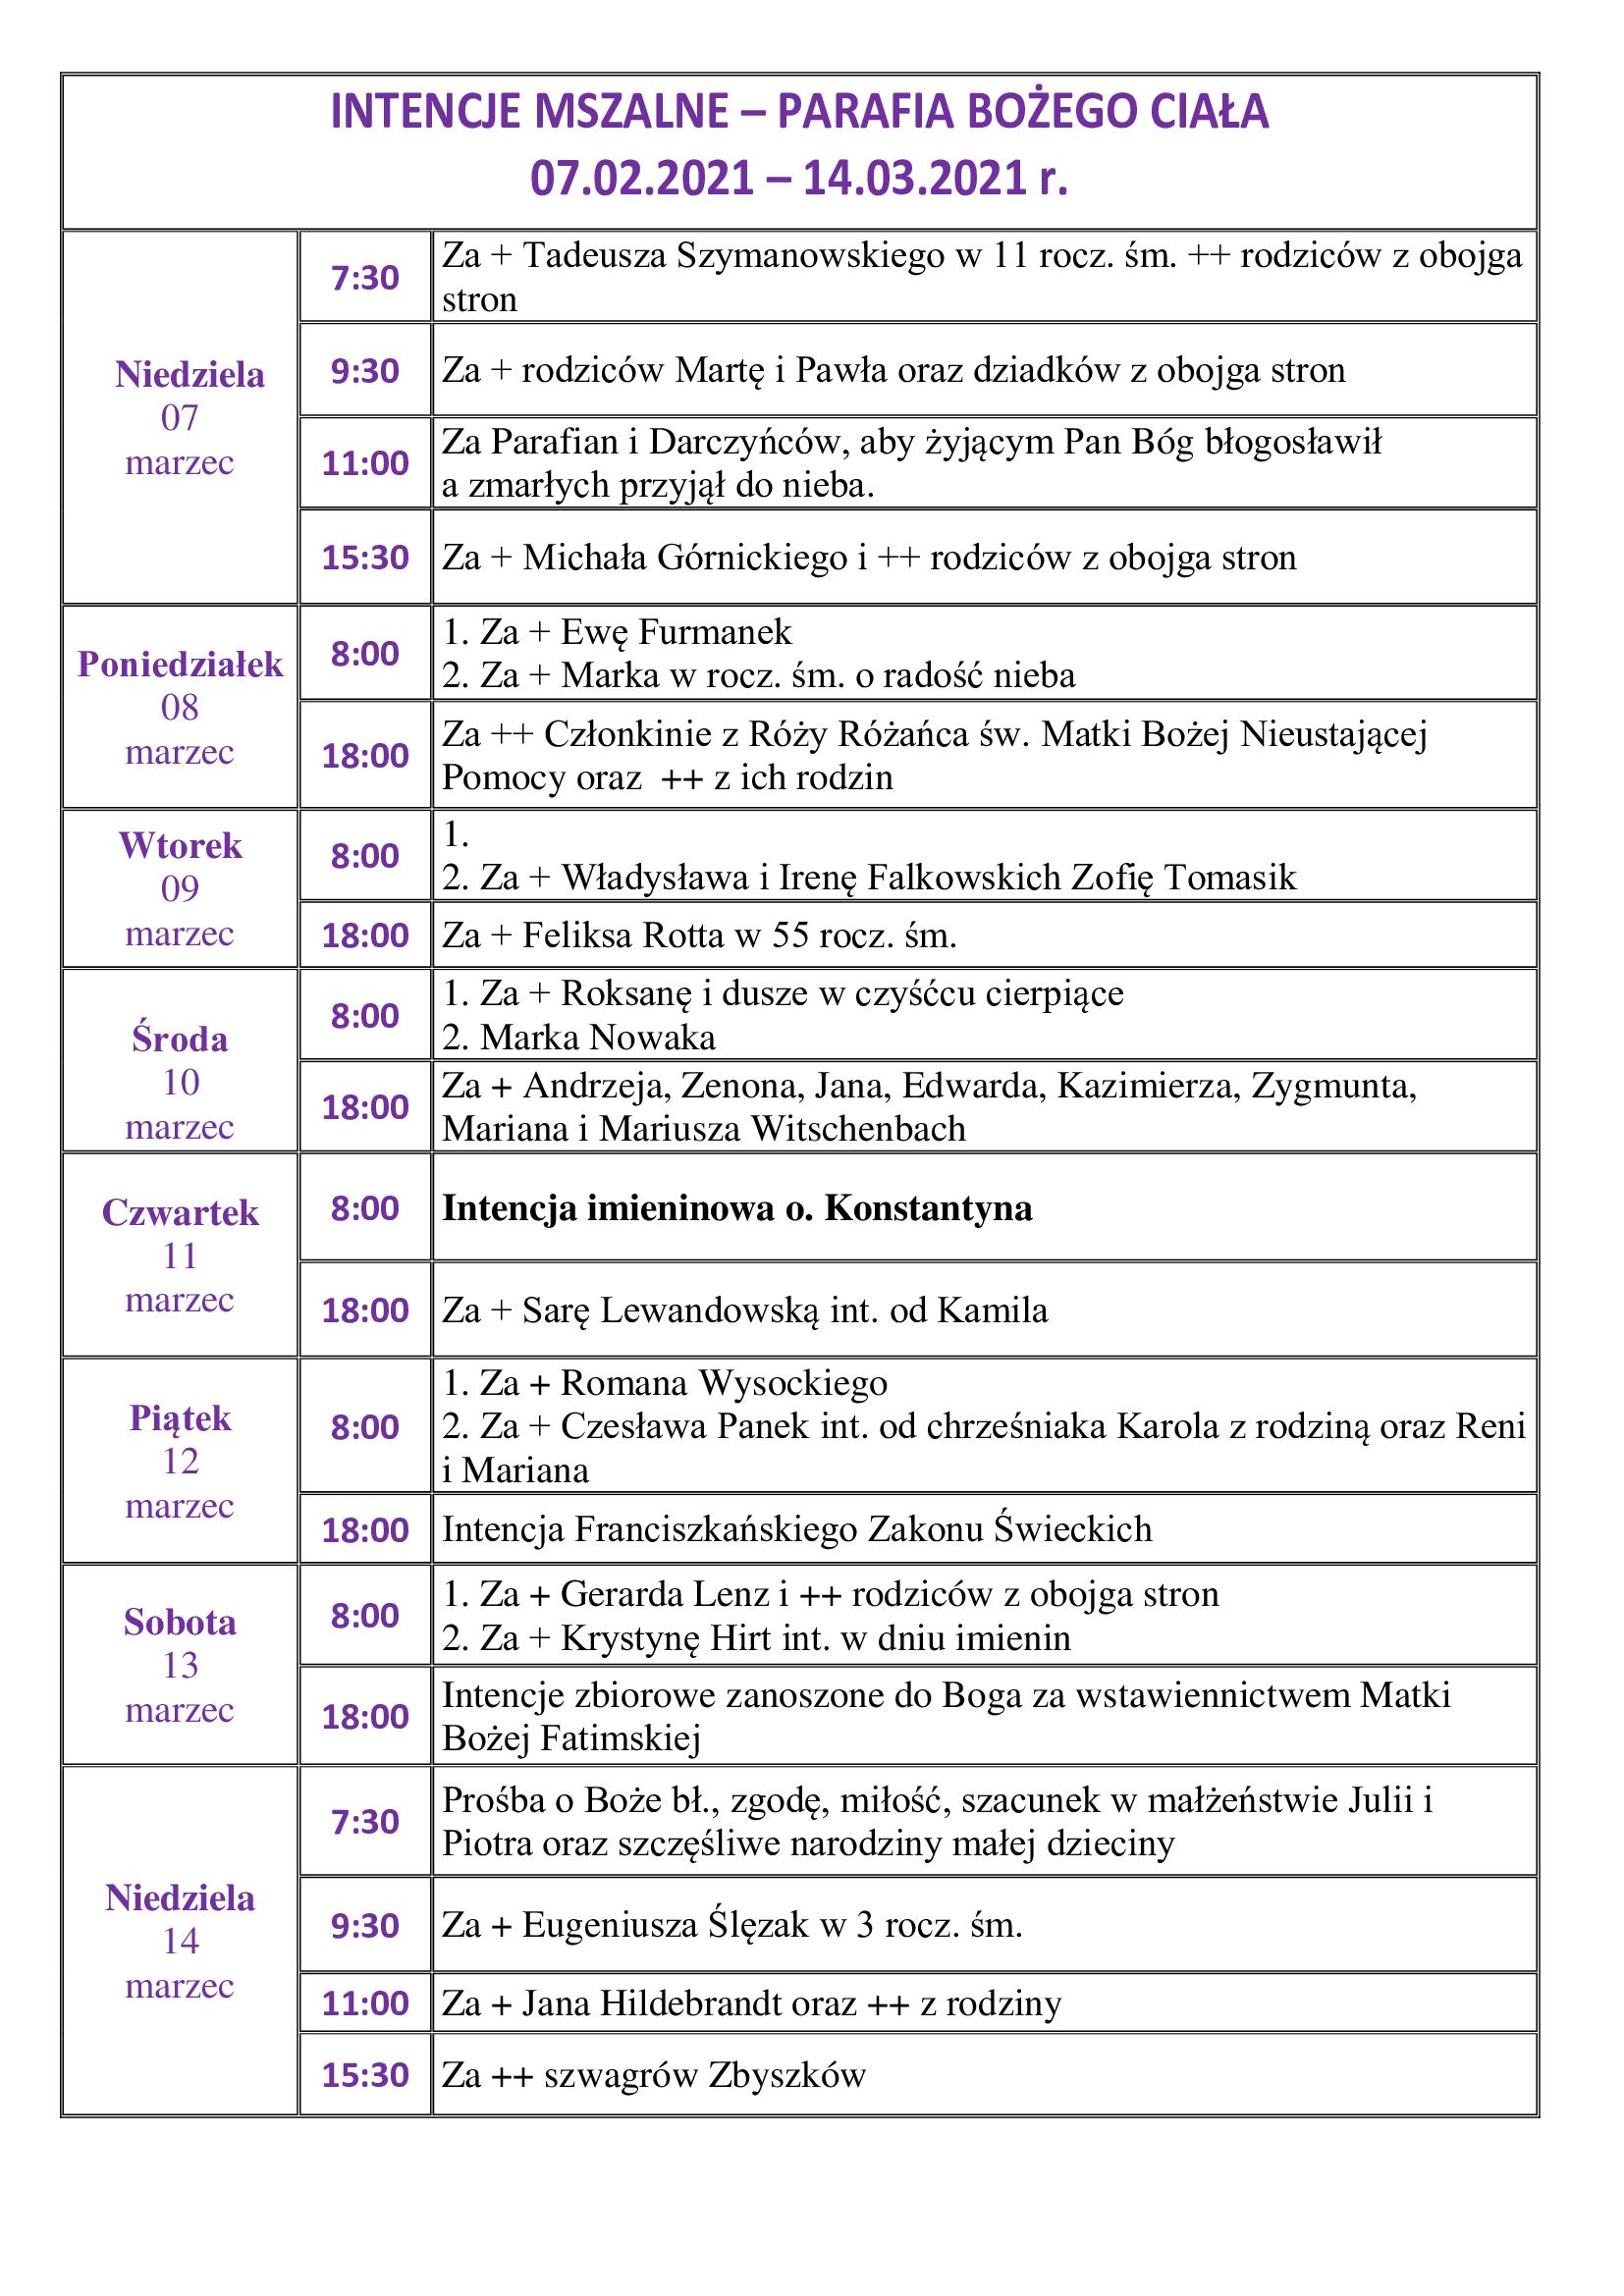 intencje-mszalne-07-02-2021-14-03-2021-r